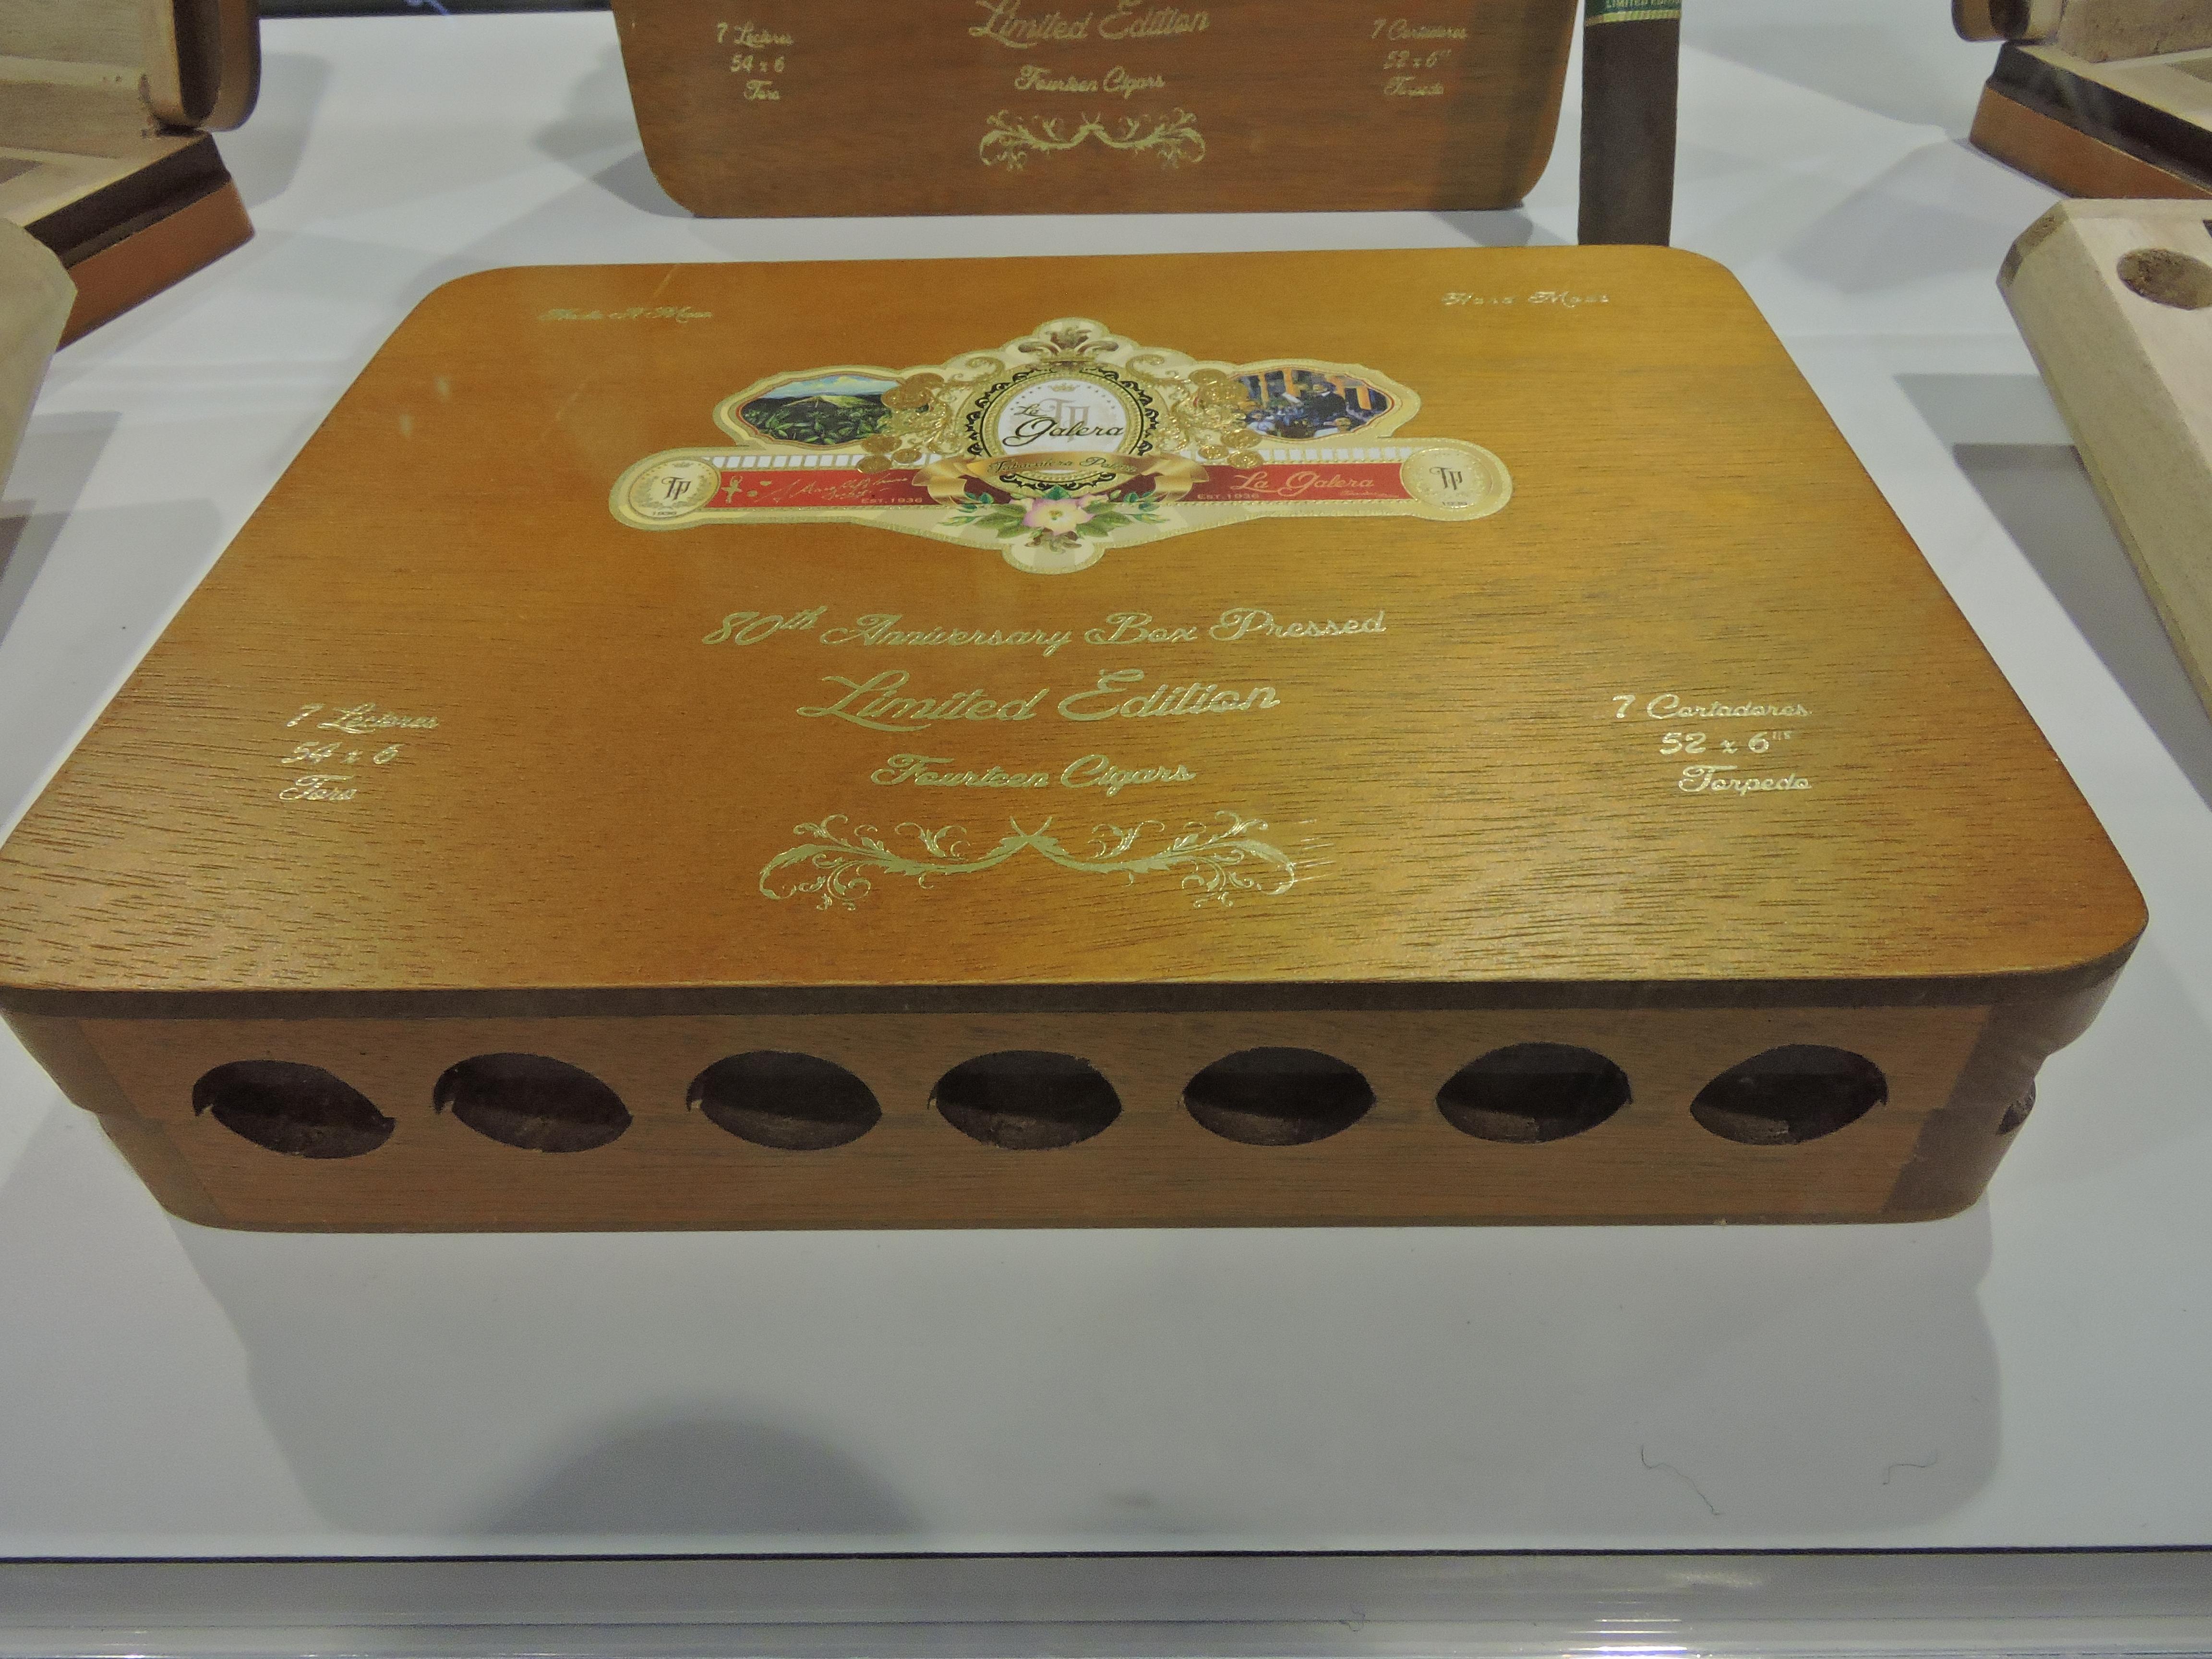 La_Galera_80th_Anniversary_Box_Pressed_Limited_Edition